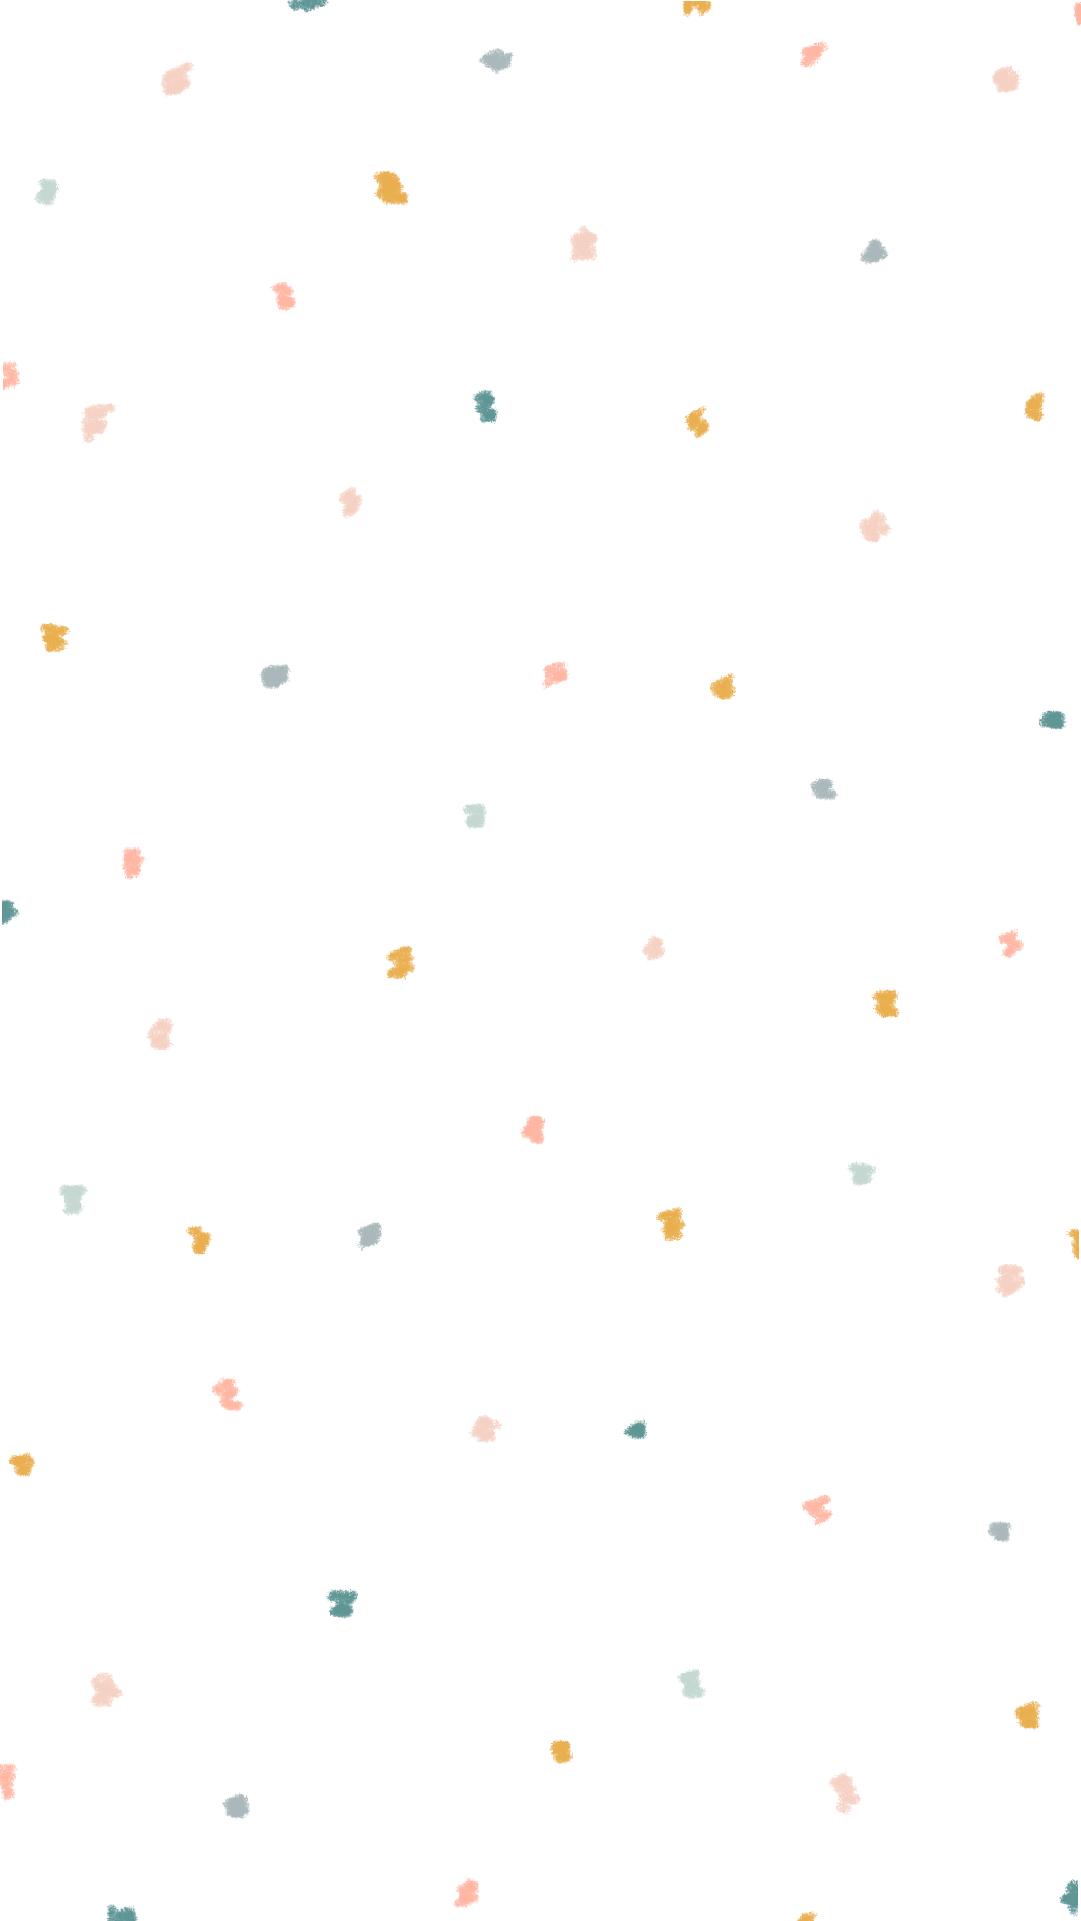 Wallpapers grátis para seu computador e smartphone